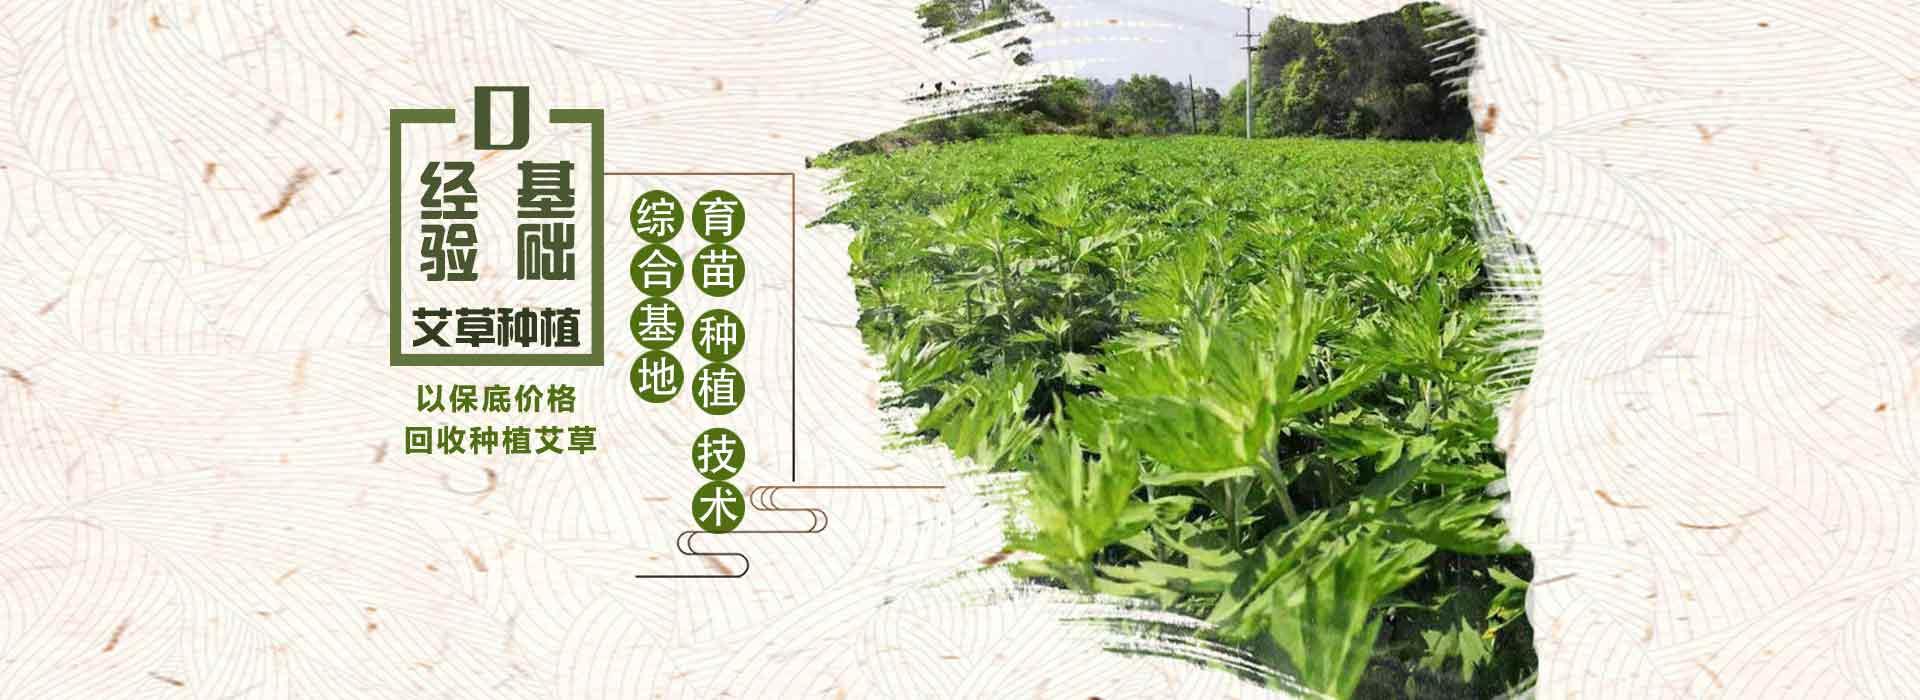 绿爱-全程提供9S种植技术服务